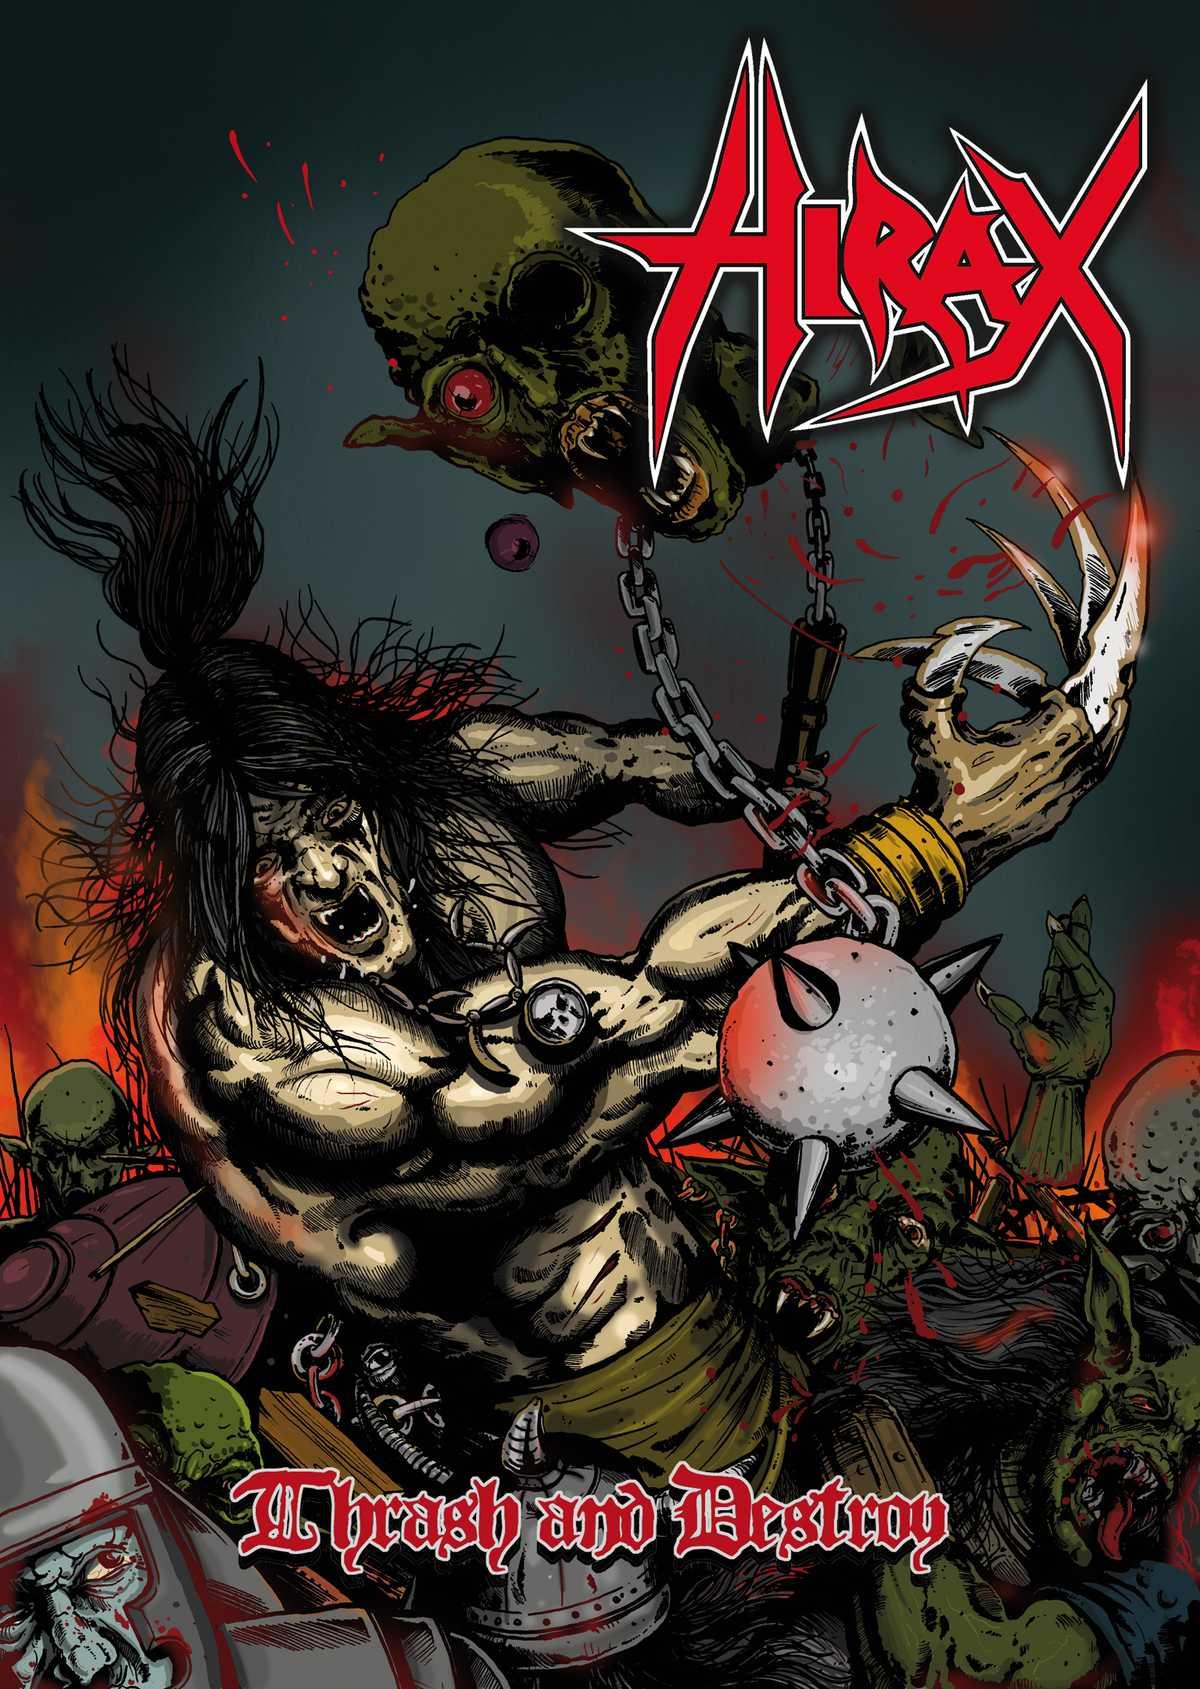 Hirax - Thrash and Destroy